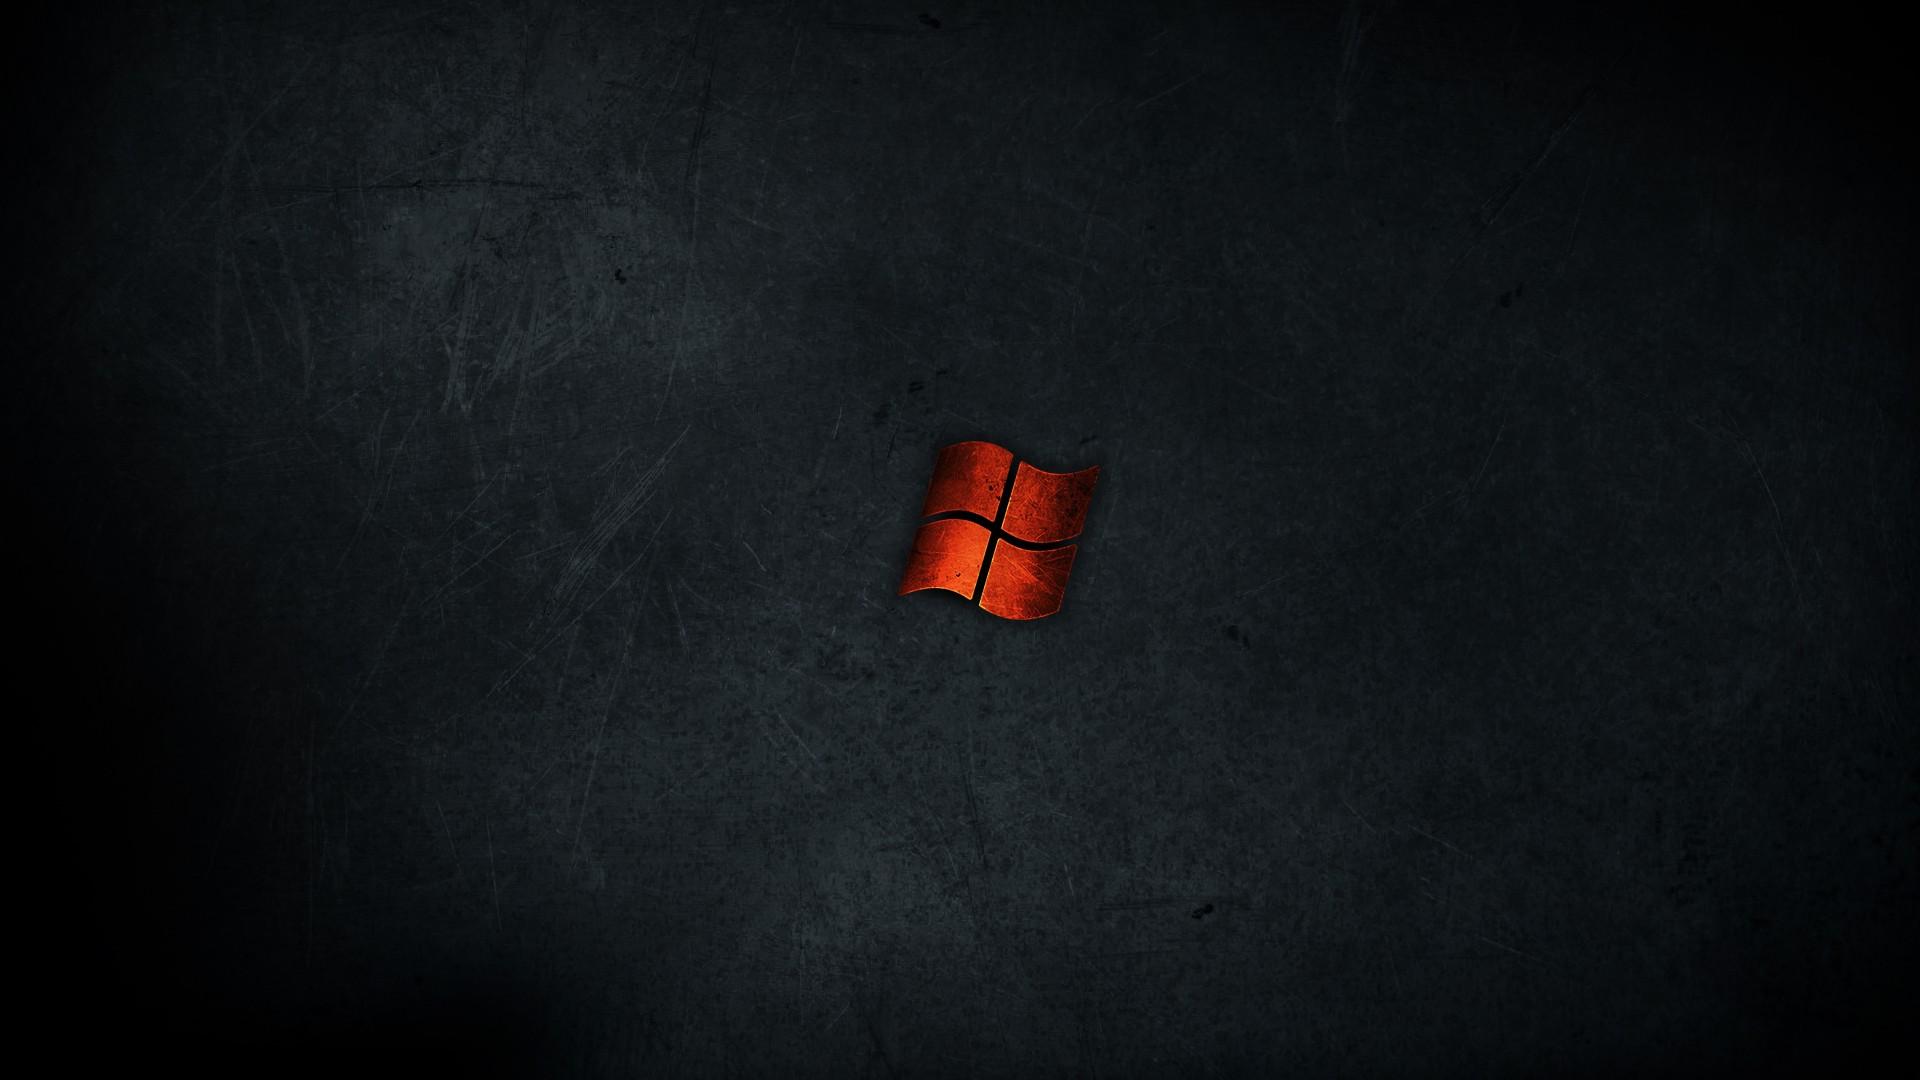 デスクトップ壁紙 黒 ダーク 赤 ロゴ Microsoft Windows 光 形状 ライン 闇 数 スクリーンショット コンピュータの壁紙 フォント 19x1080 Bochin1976 デスクトップ壁紙 Wallhere